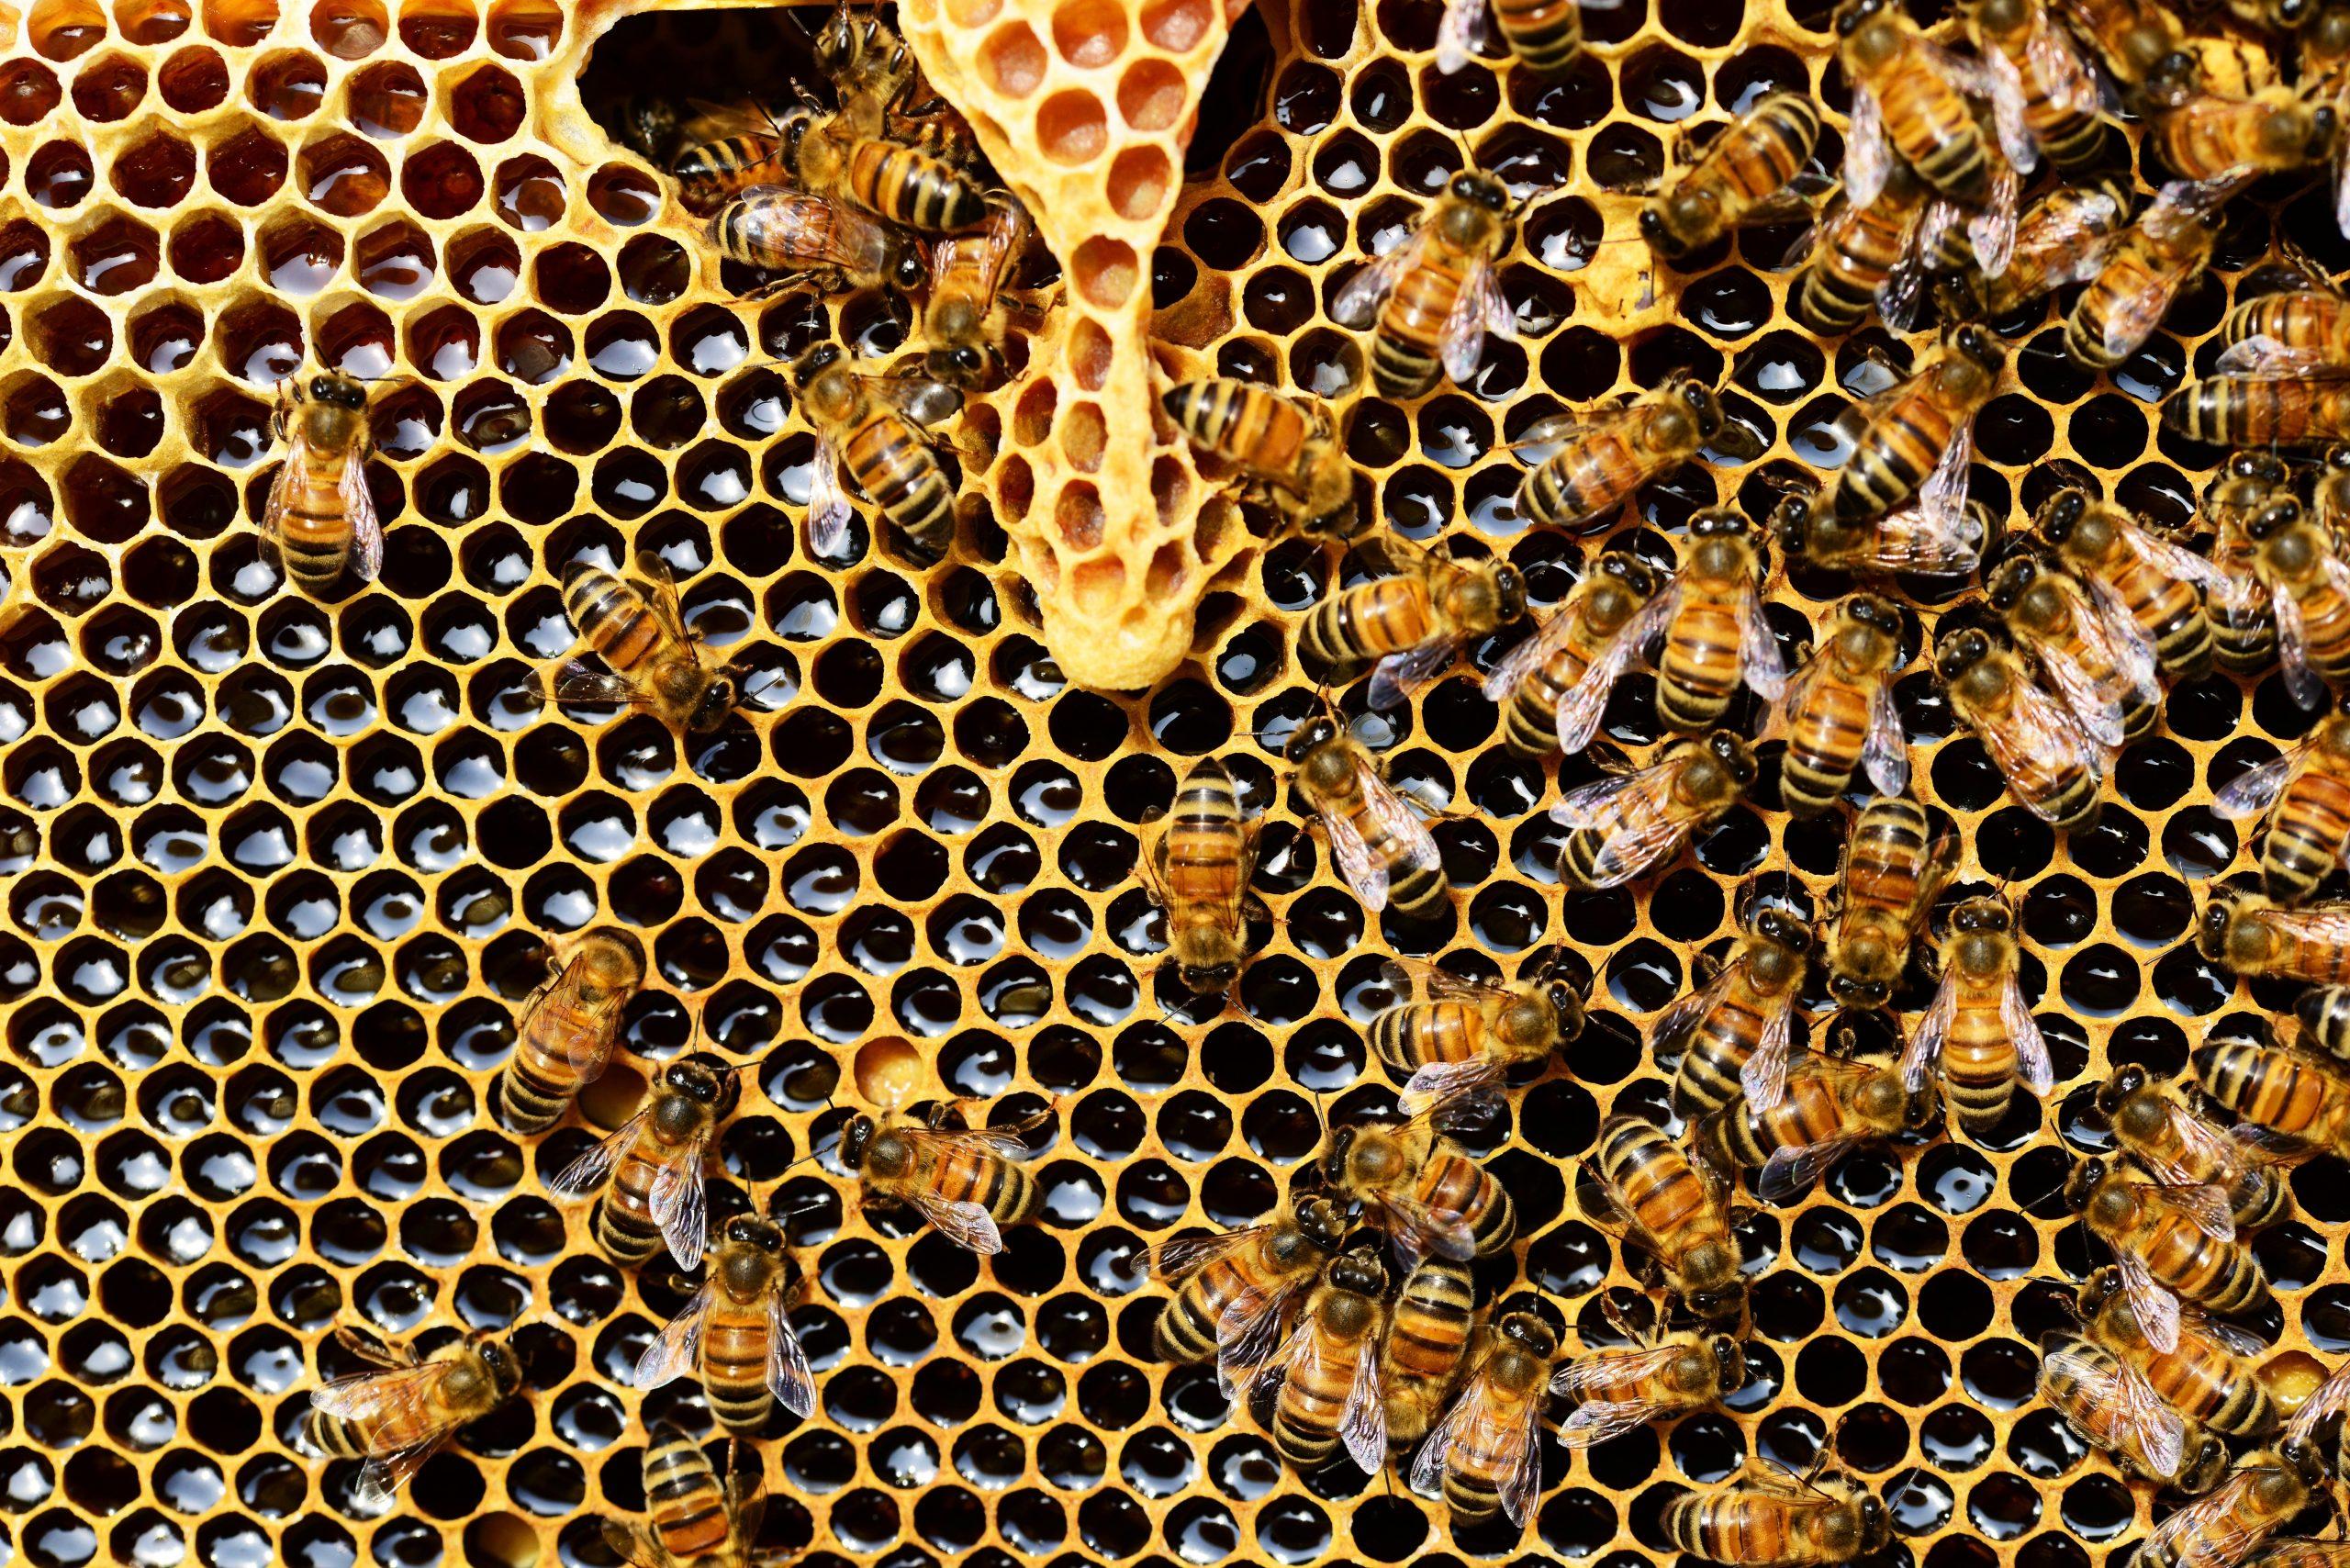 כל מה שלא ידעתן על דבורת הדבש